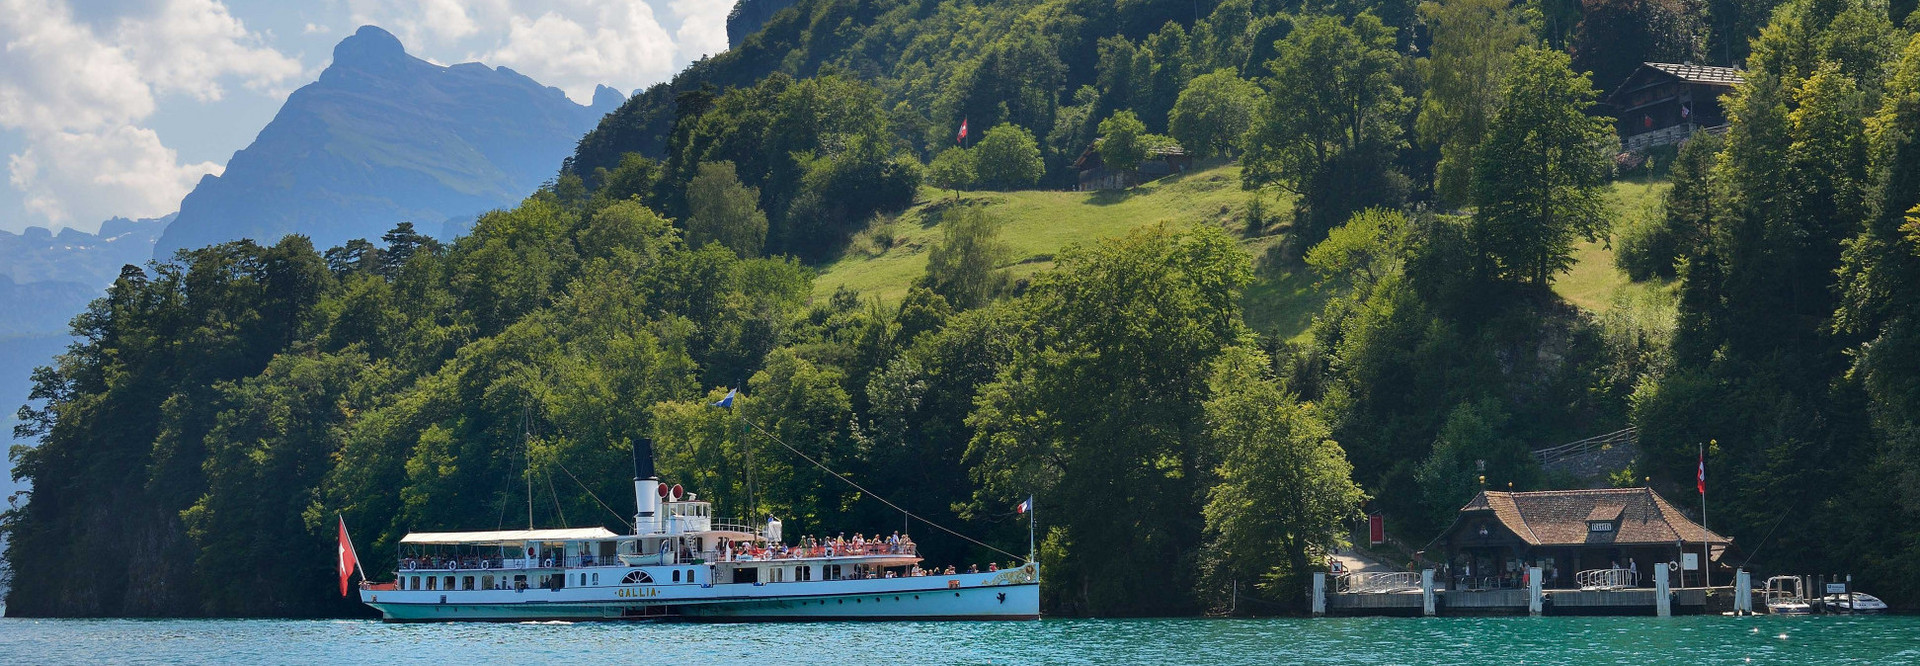 Dampfschiff Gallia fährt an einem Sommertag auf dem Vierwaldstättersee